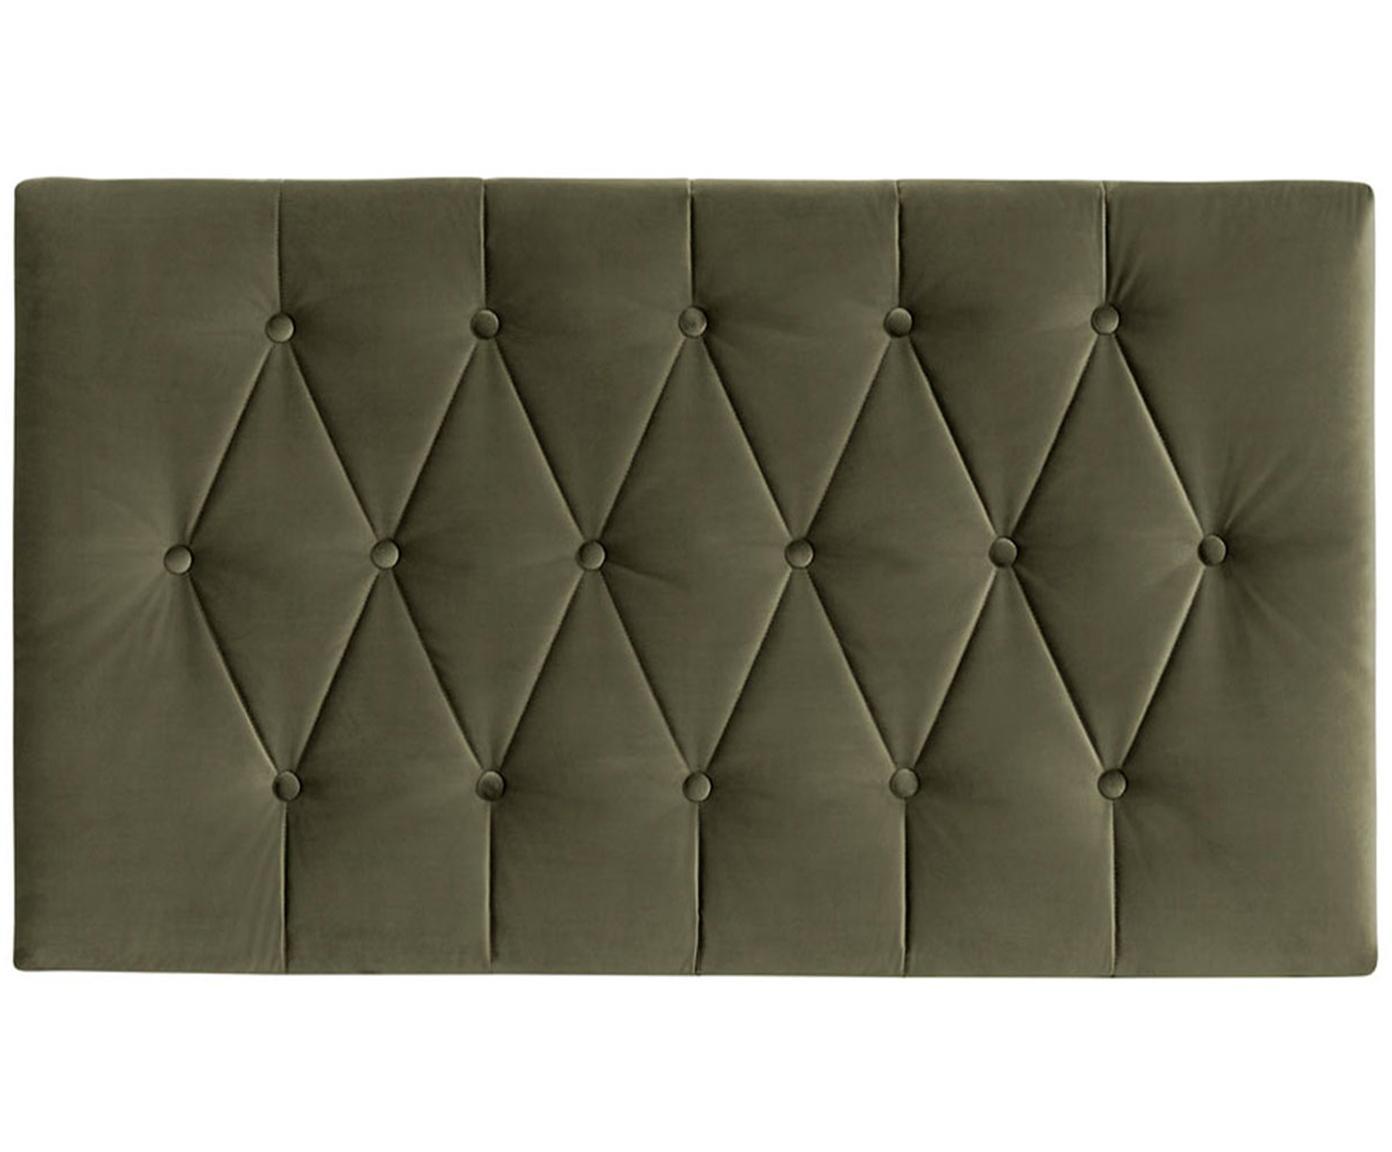 Cabecero Paris Dot, Estructura: tablero de fibras de dens, Tapizado: 100%poliéster efecto ter, Interior: guata doble 500g (100%p, Verde bosque, An 135 x Al 80 cm